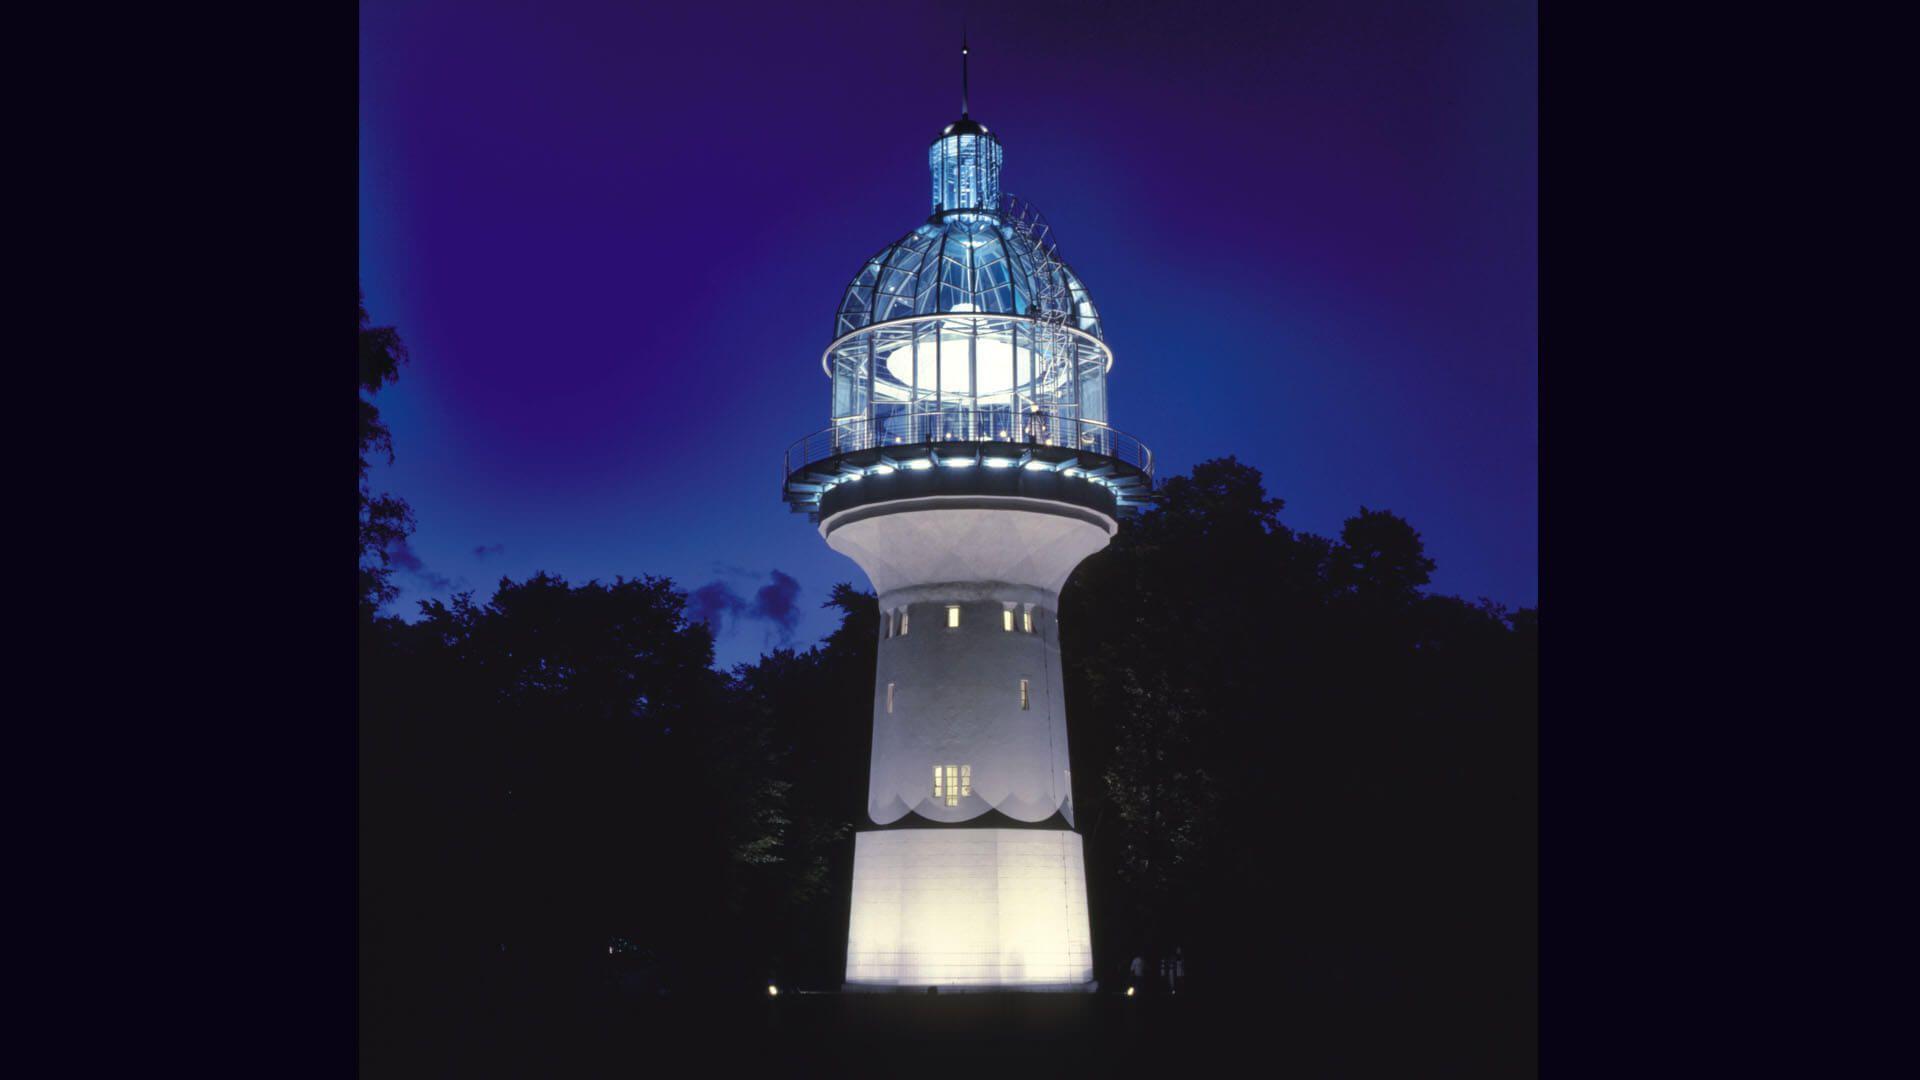 Lichtturm in der Nacht, Solingen